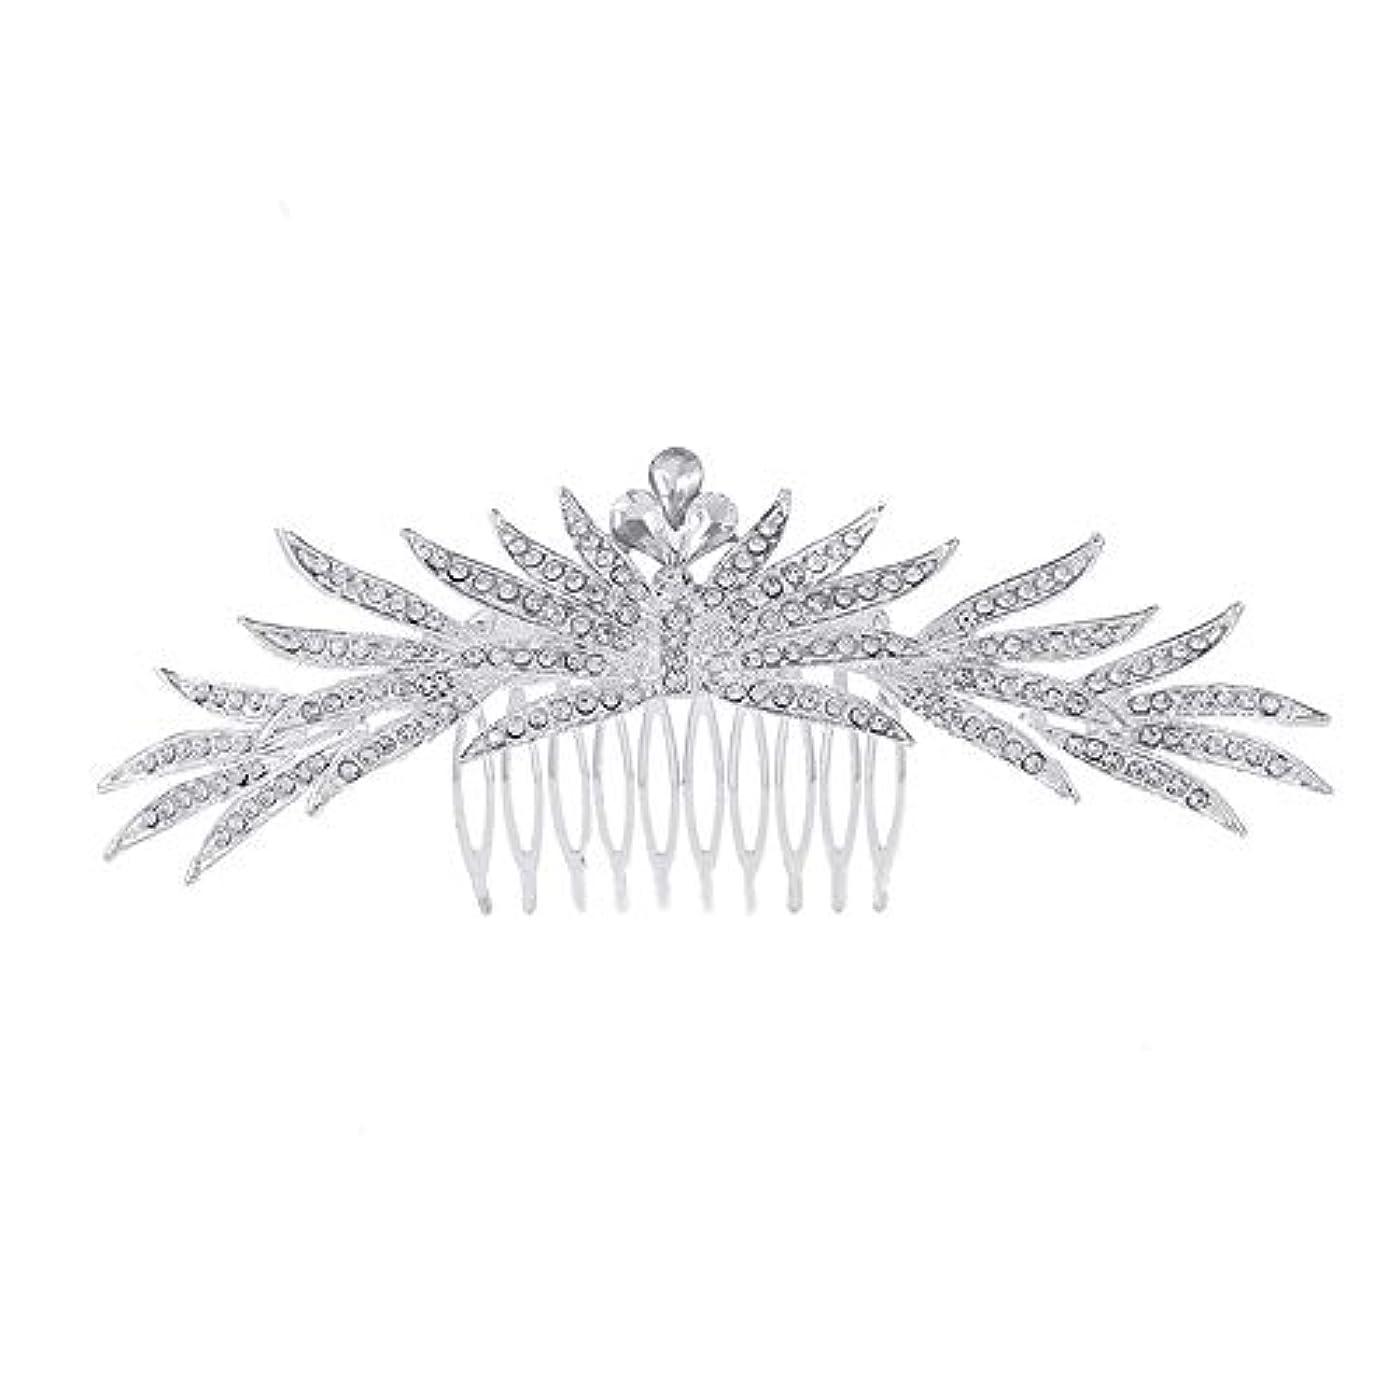 スキニー乳白さびた髪の櫛の櫛の櫛花嫁の髪の櫛ラインストーンの櫛亜鉛合金ブライダルヘッドドレス結婚式のアクセサリー挿入櫛